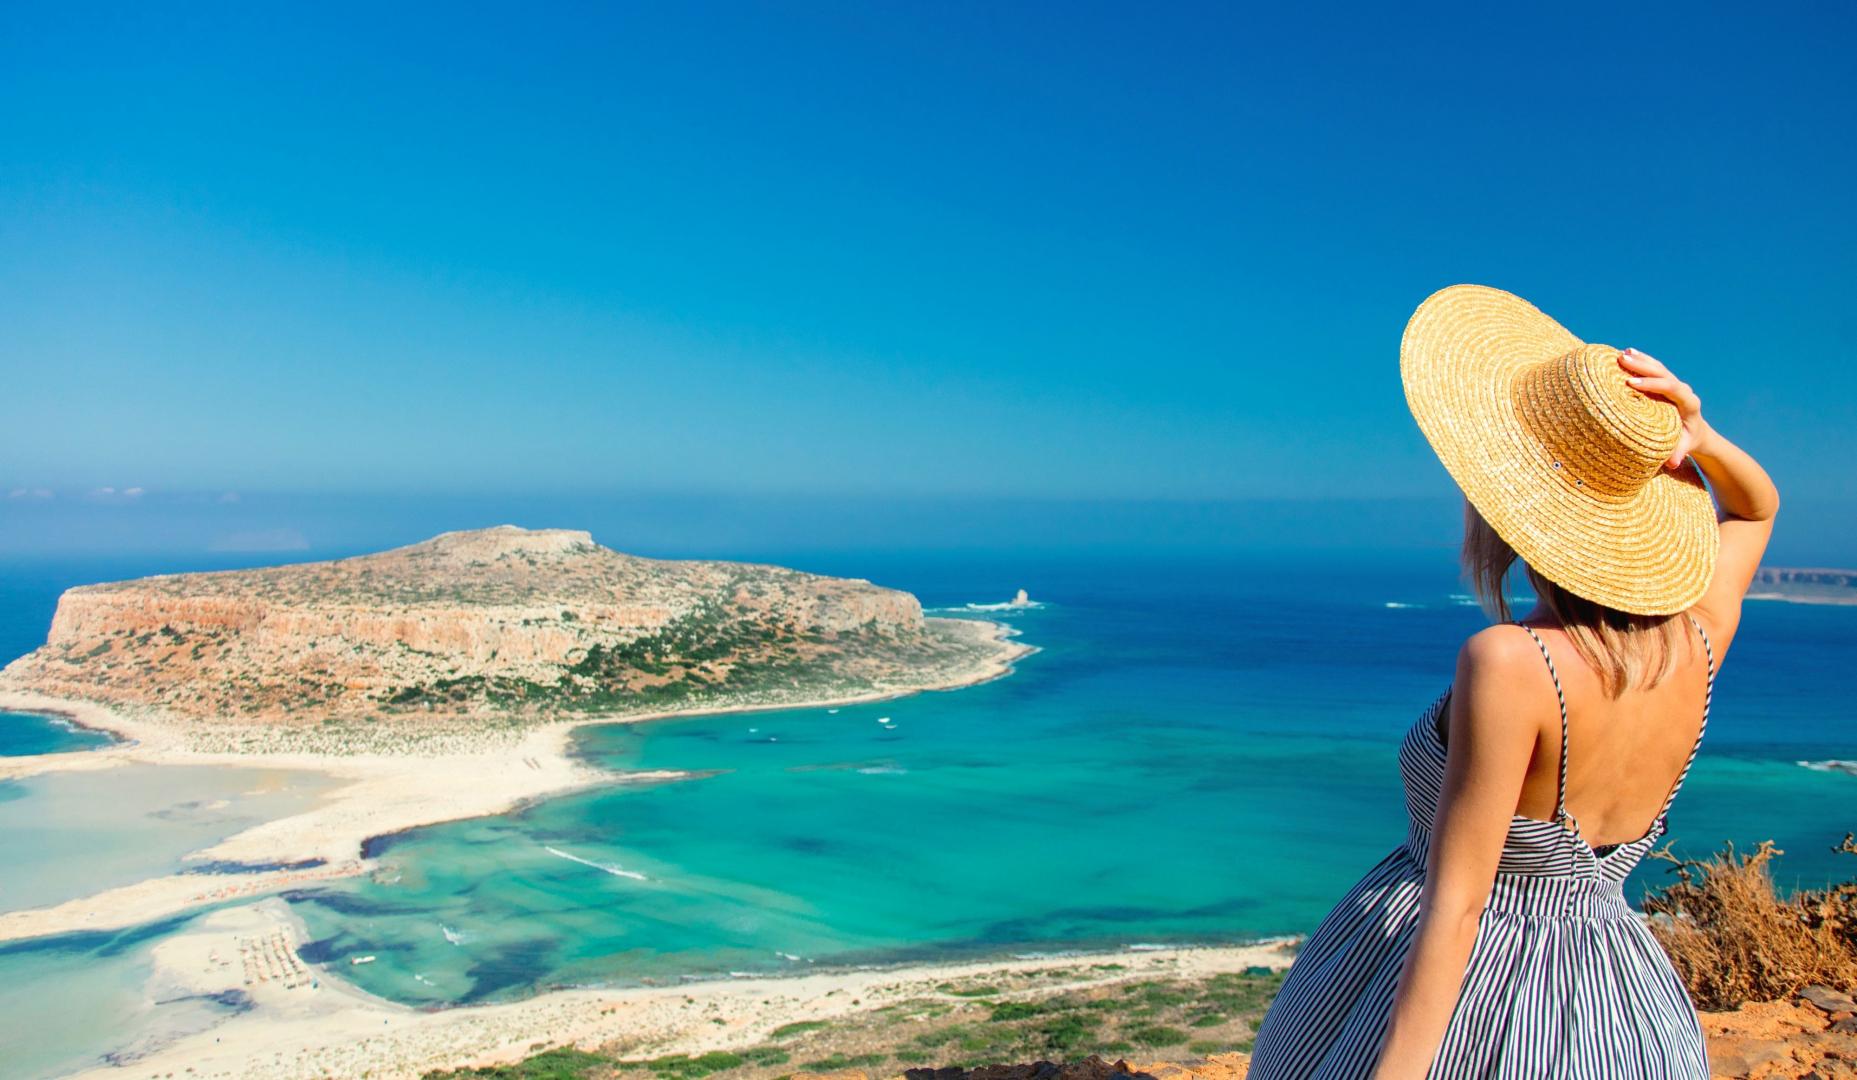 Séjour en Crète les pieds dans l'eau